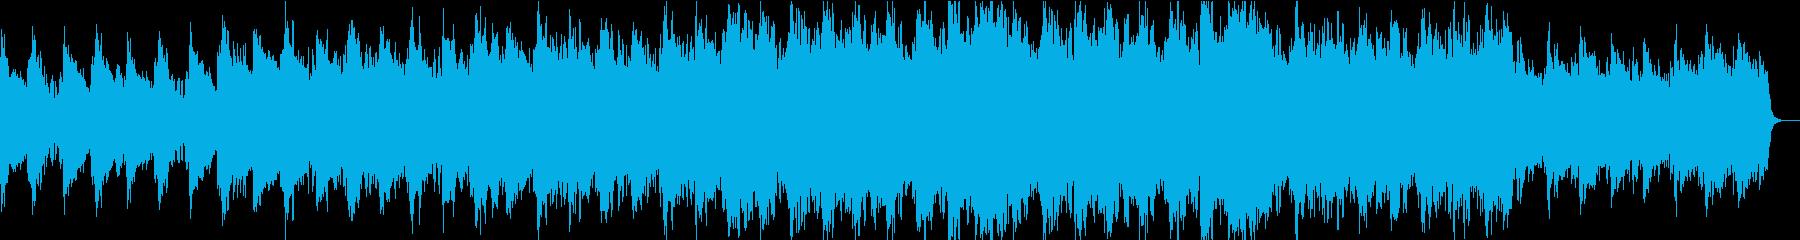 壮大なエピックピアノオーケストラの再生済みの波形